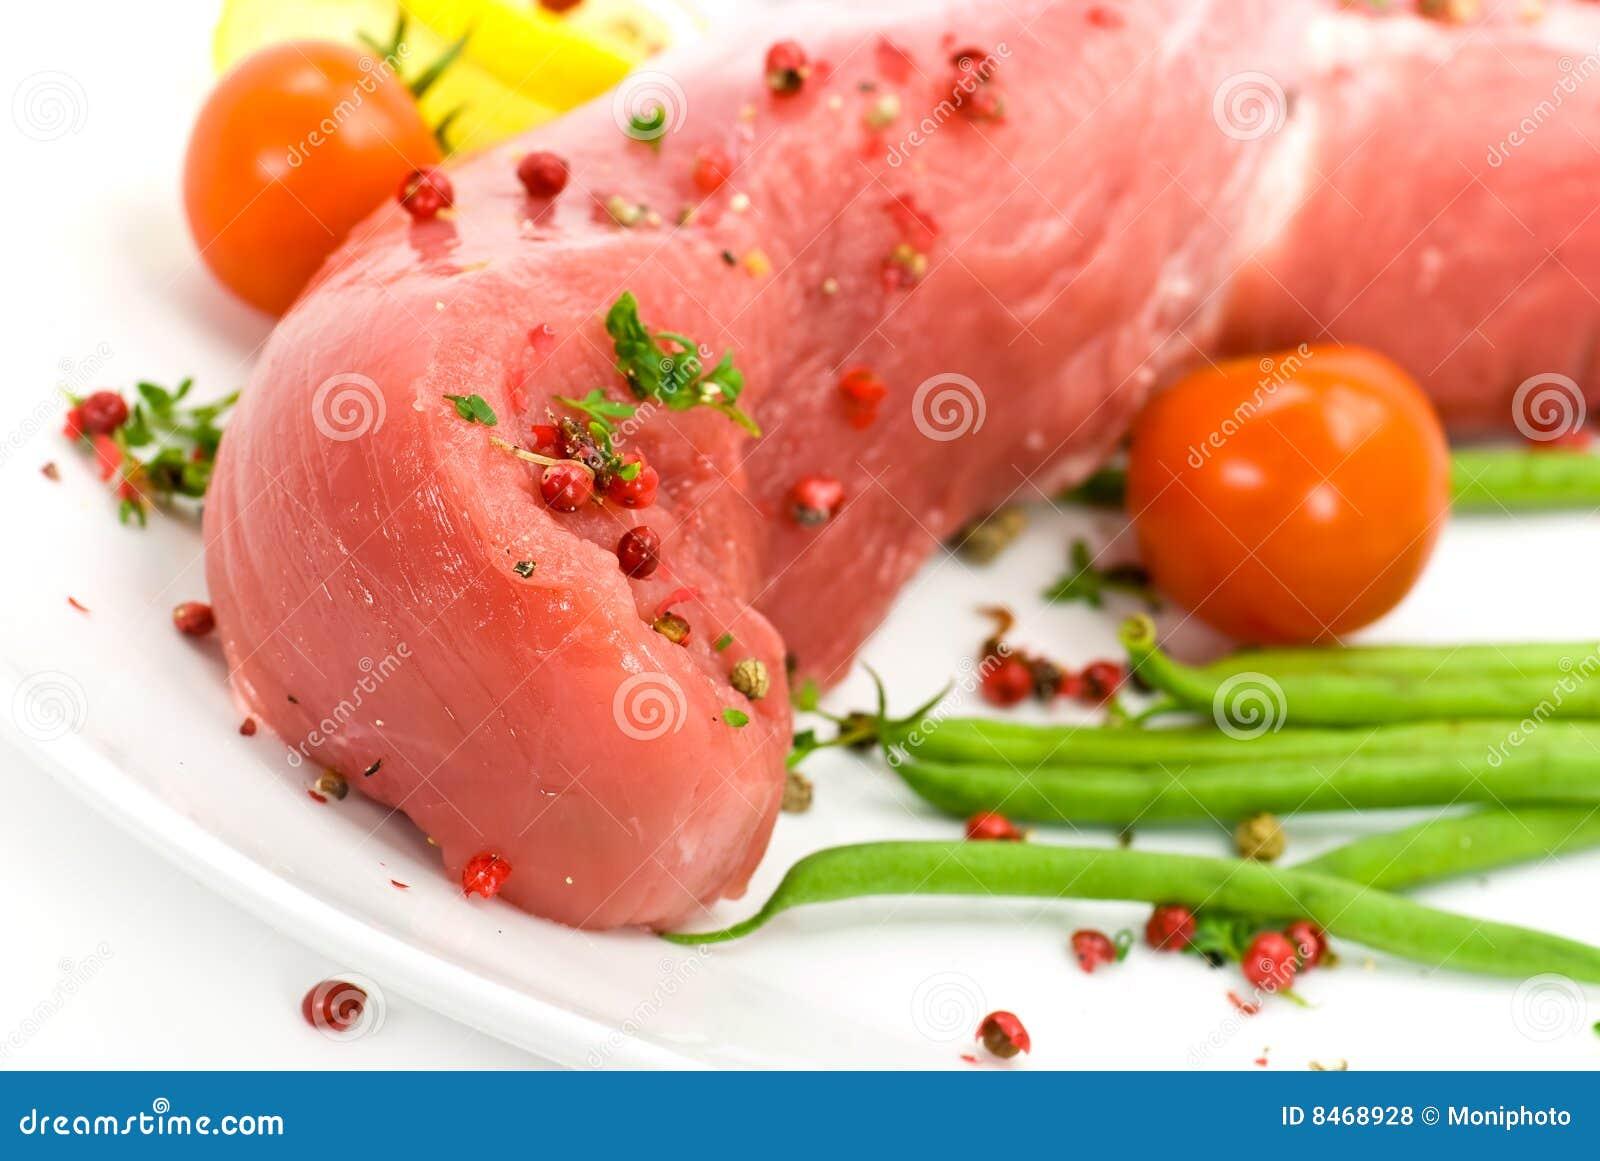 Rå fläskkarré för filépork